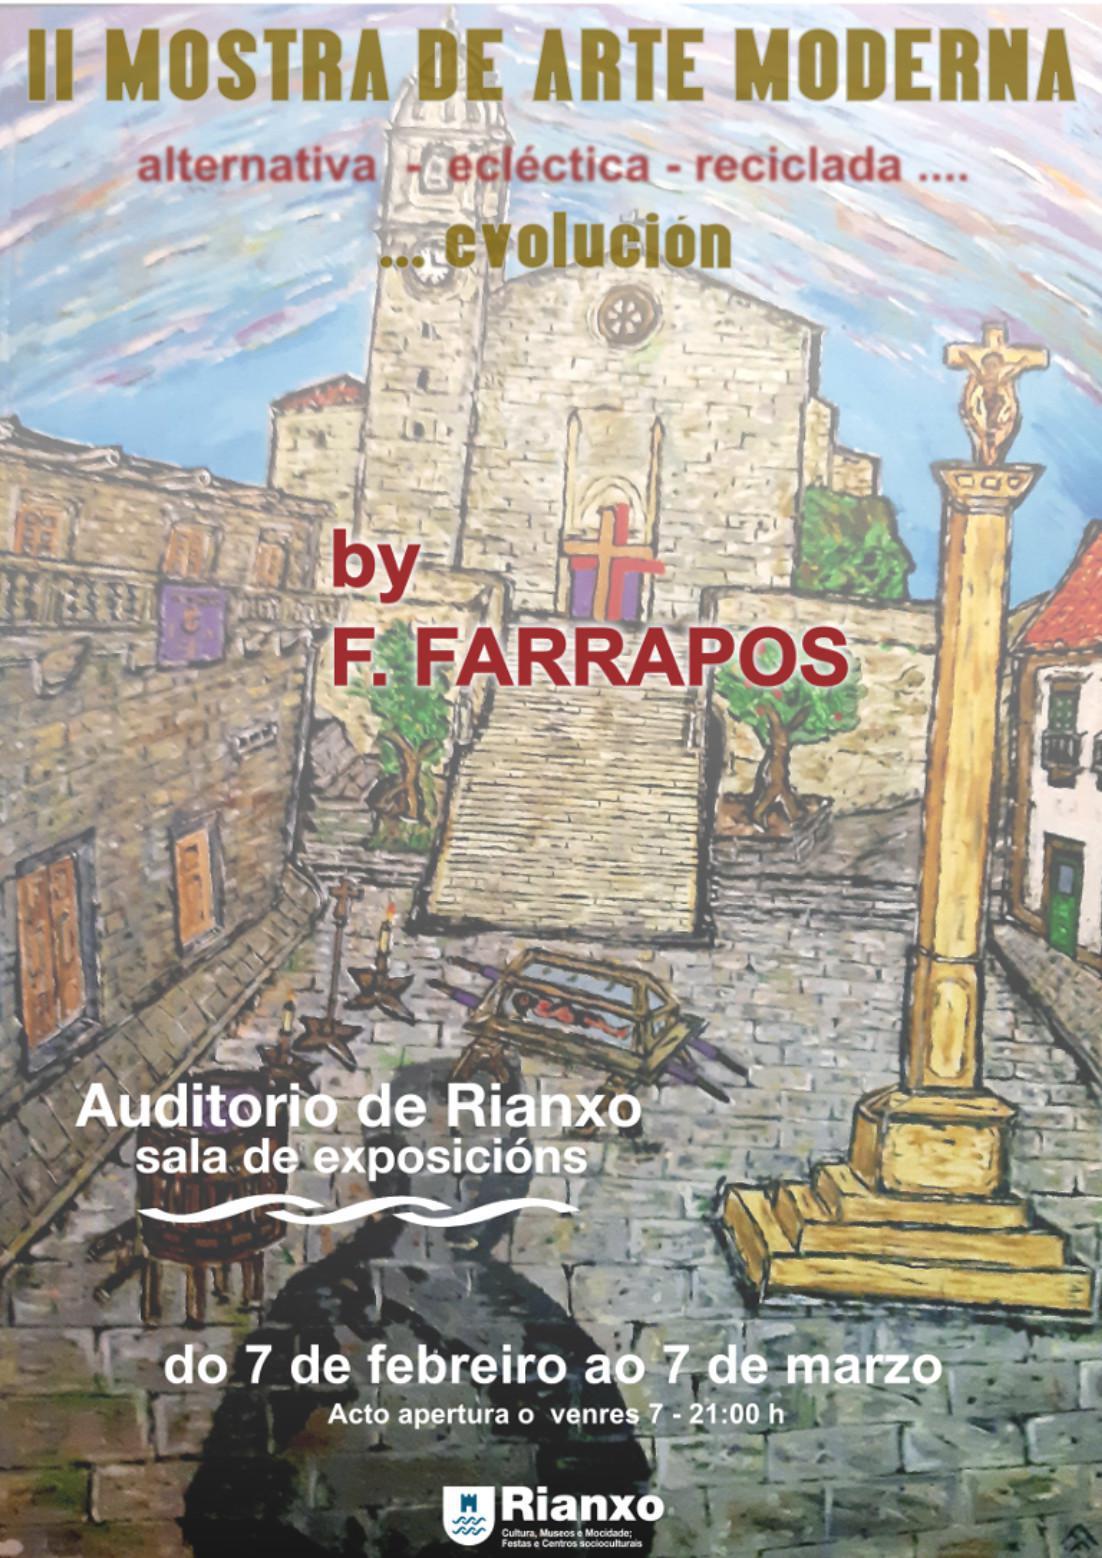 Exposición II Mostra de Arte Moderna...evolución de F. Farrapos